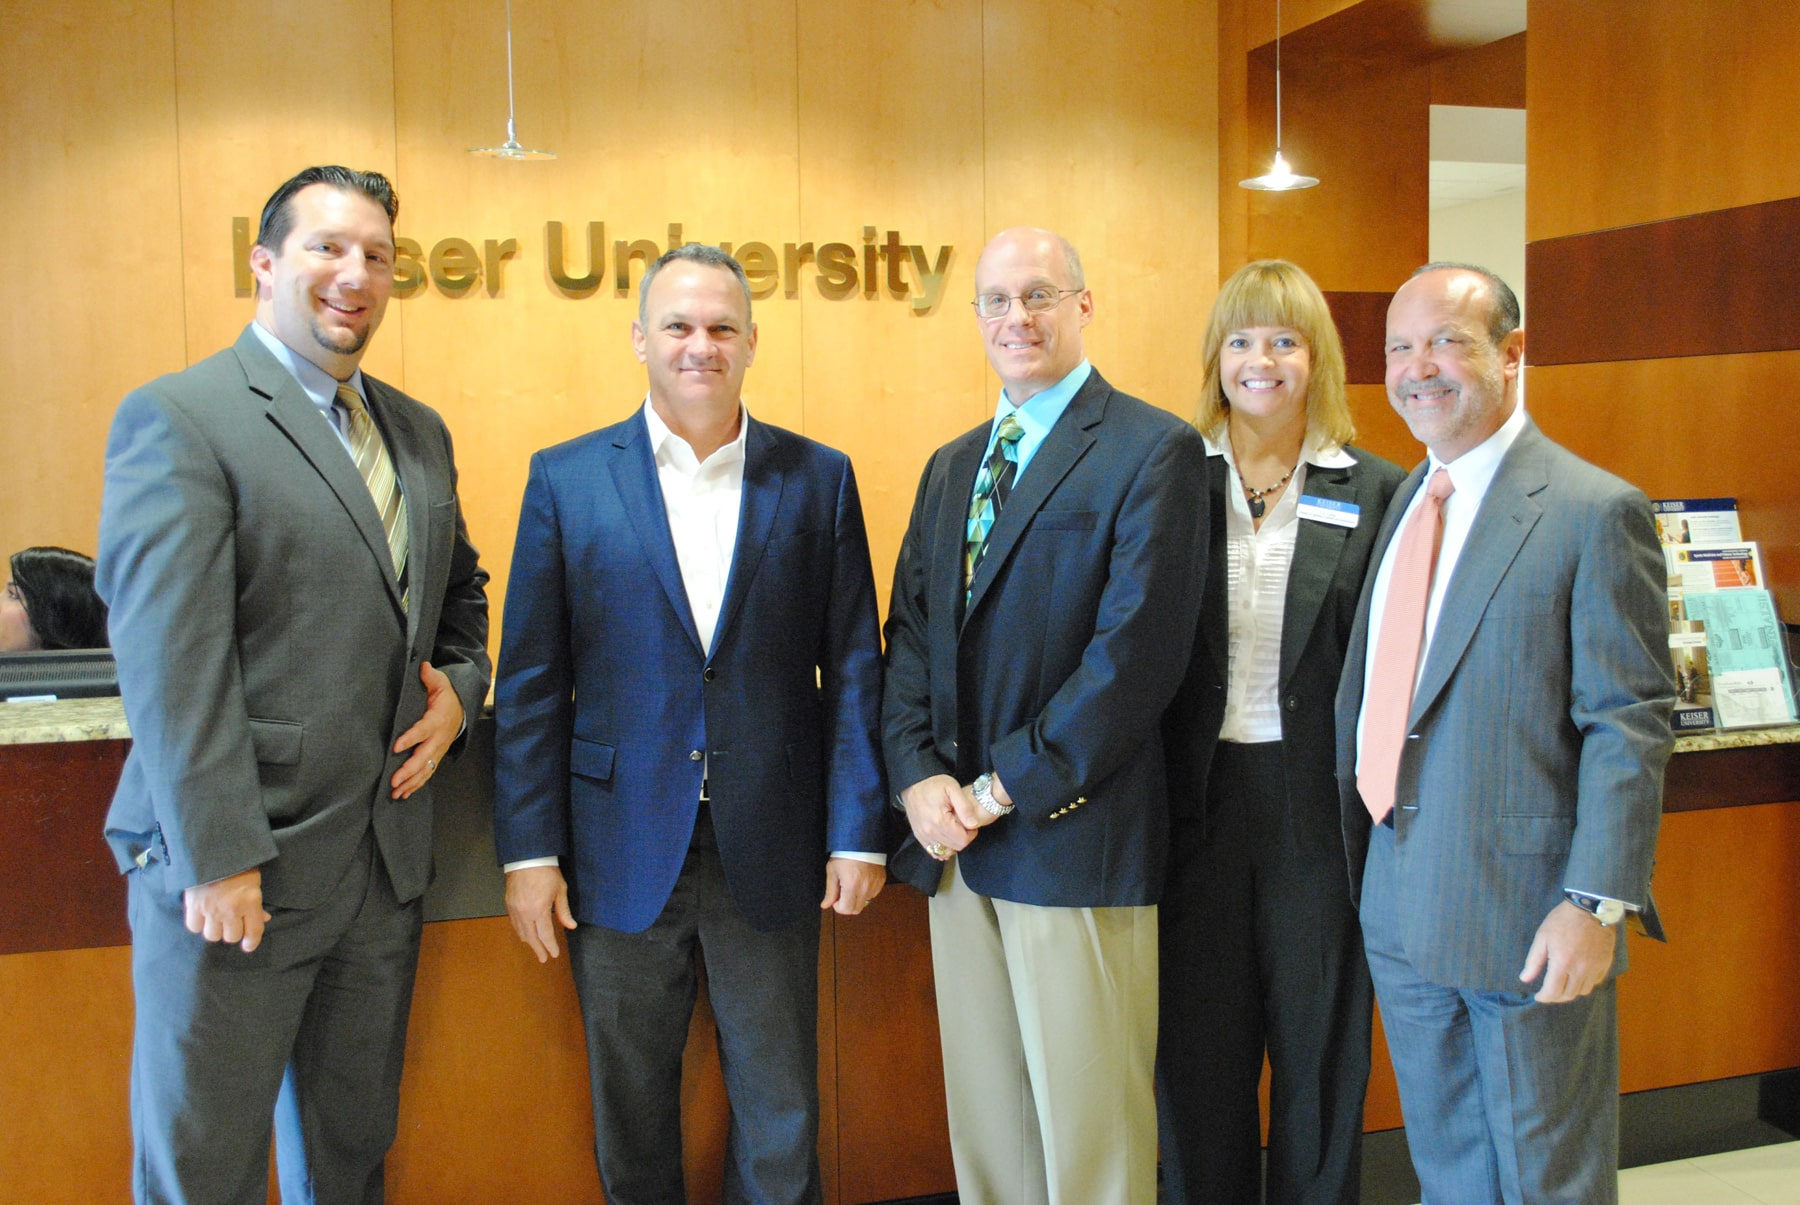 Florida House Speaker Designate Richard Corcoran Tours the Miami Campus